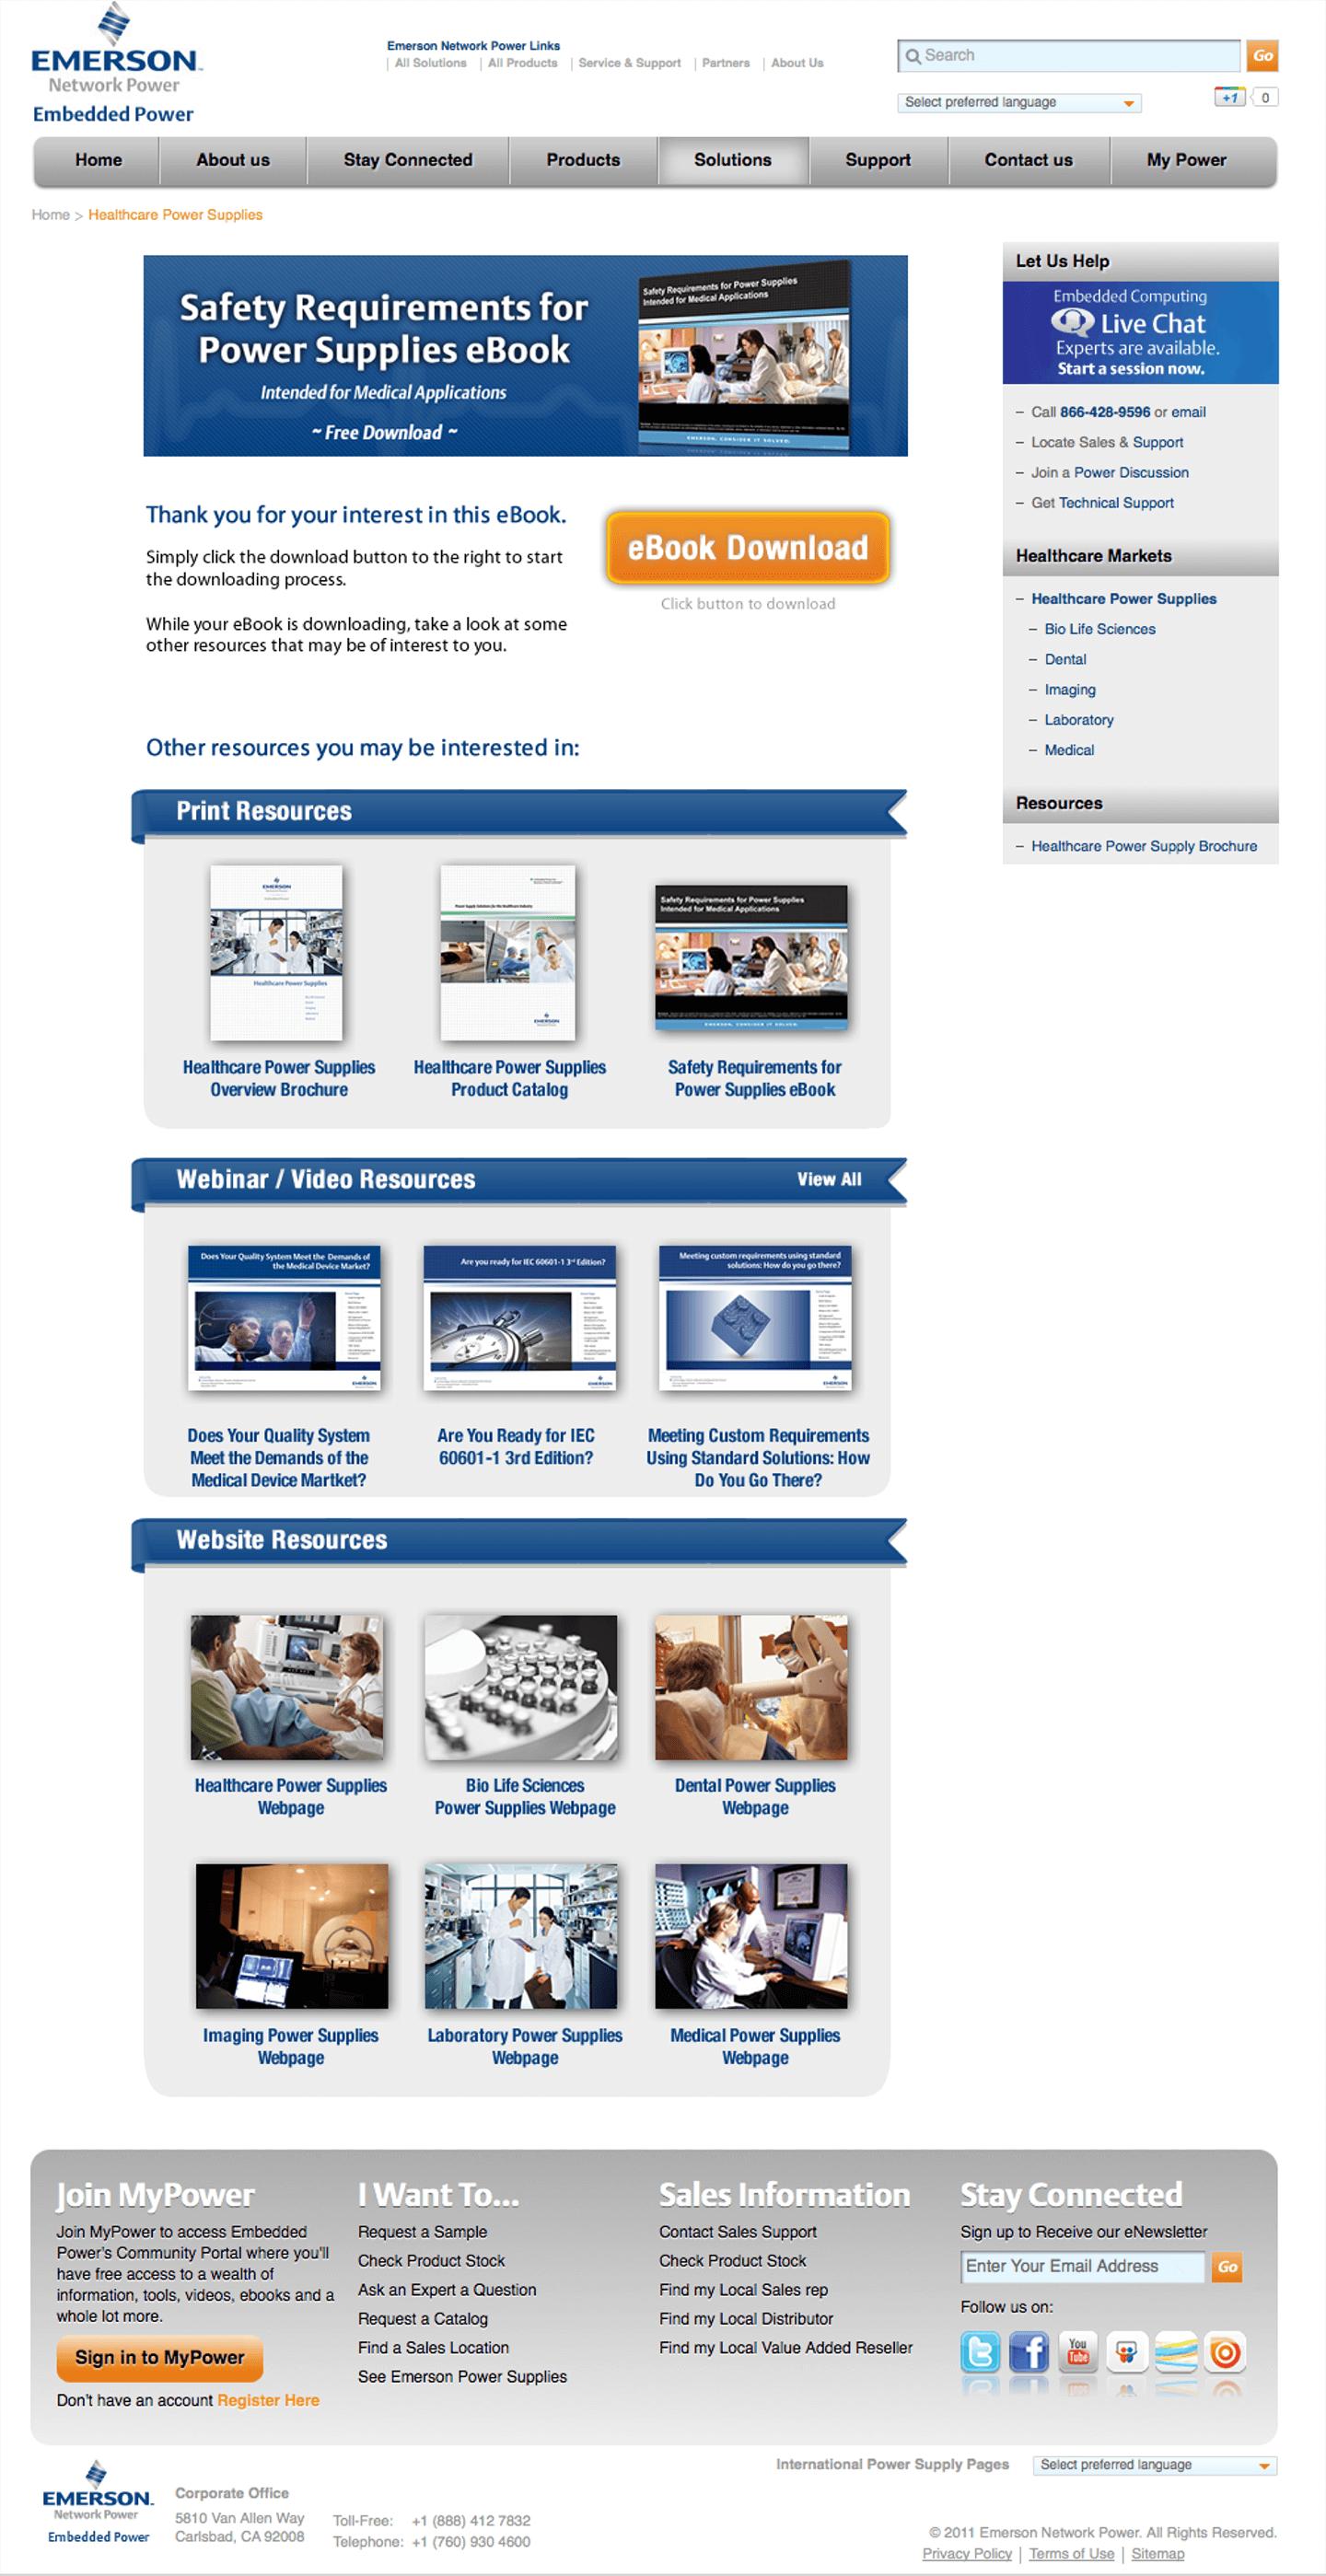 emerson-embedded-ac-dc-power-supplies-website-design-resources